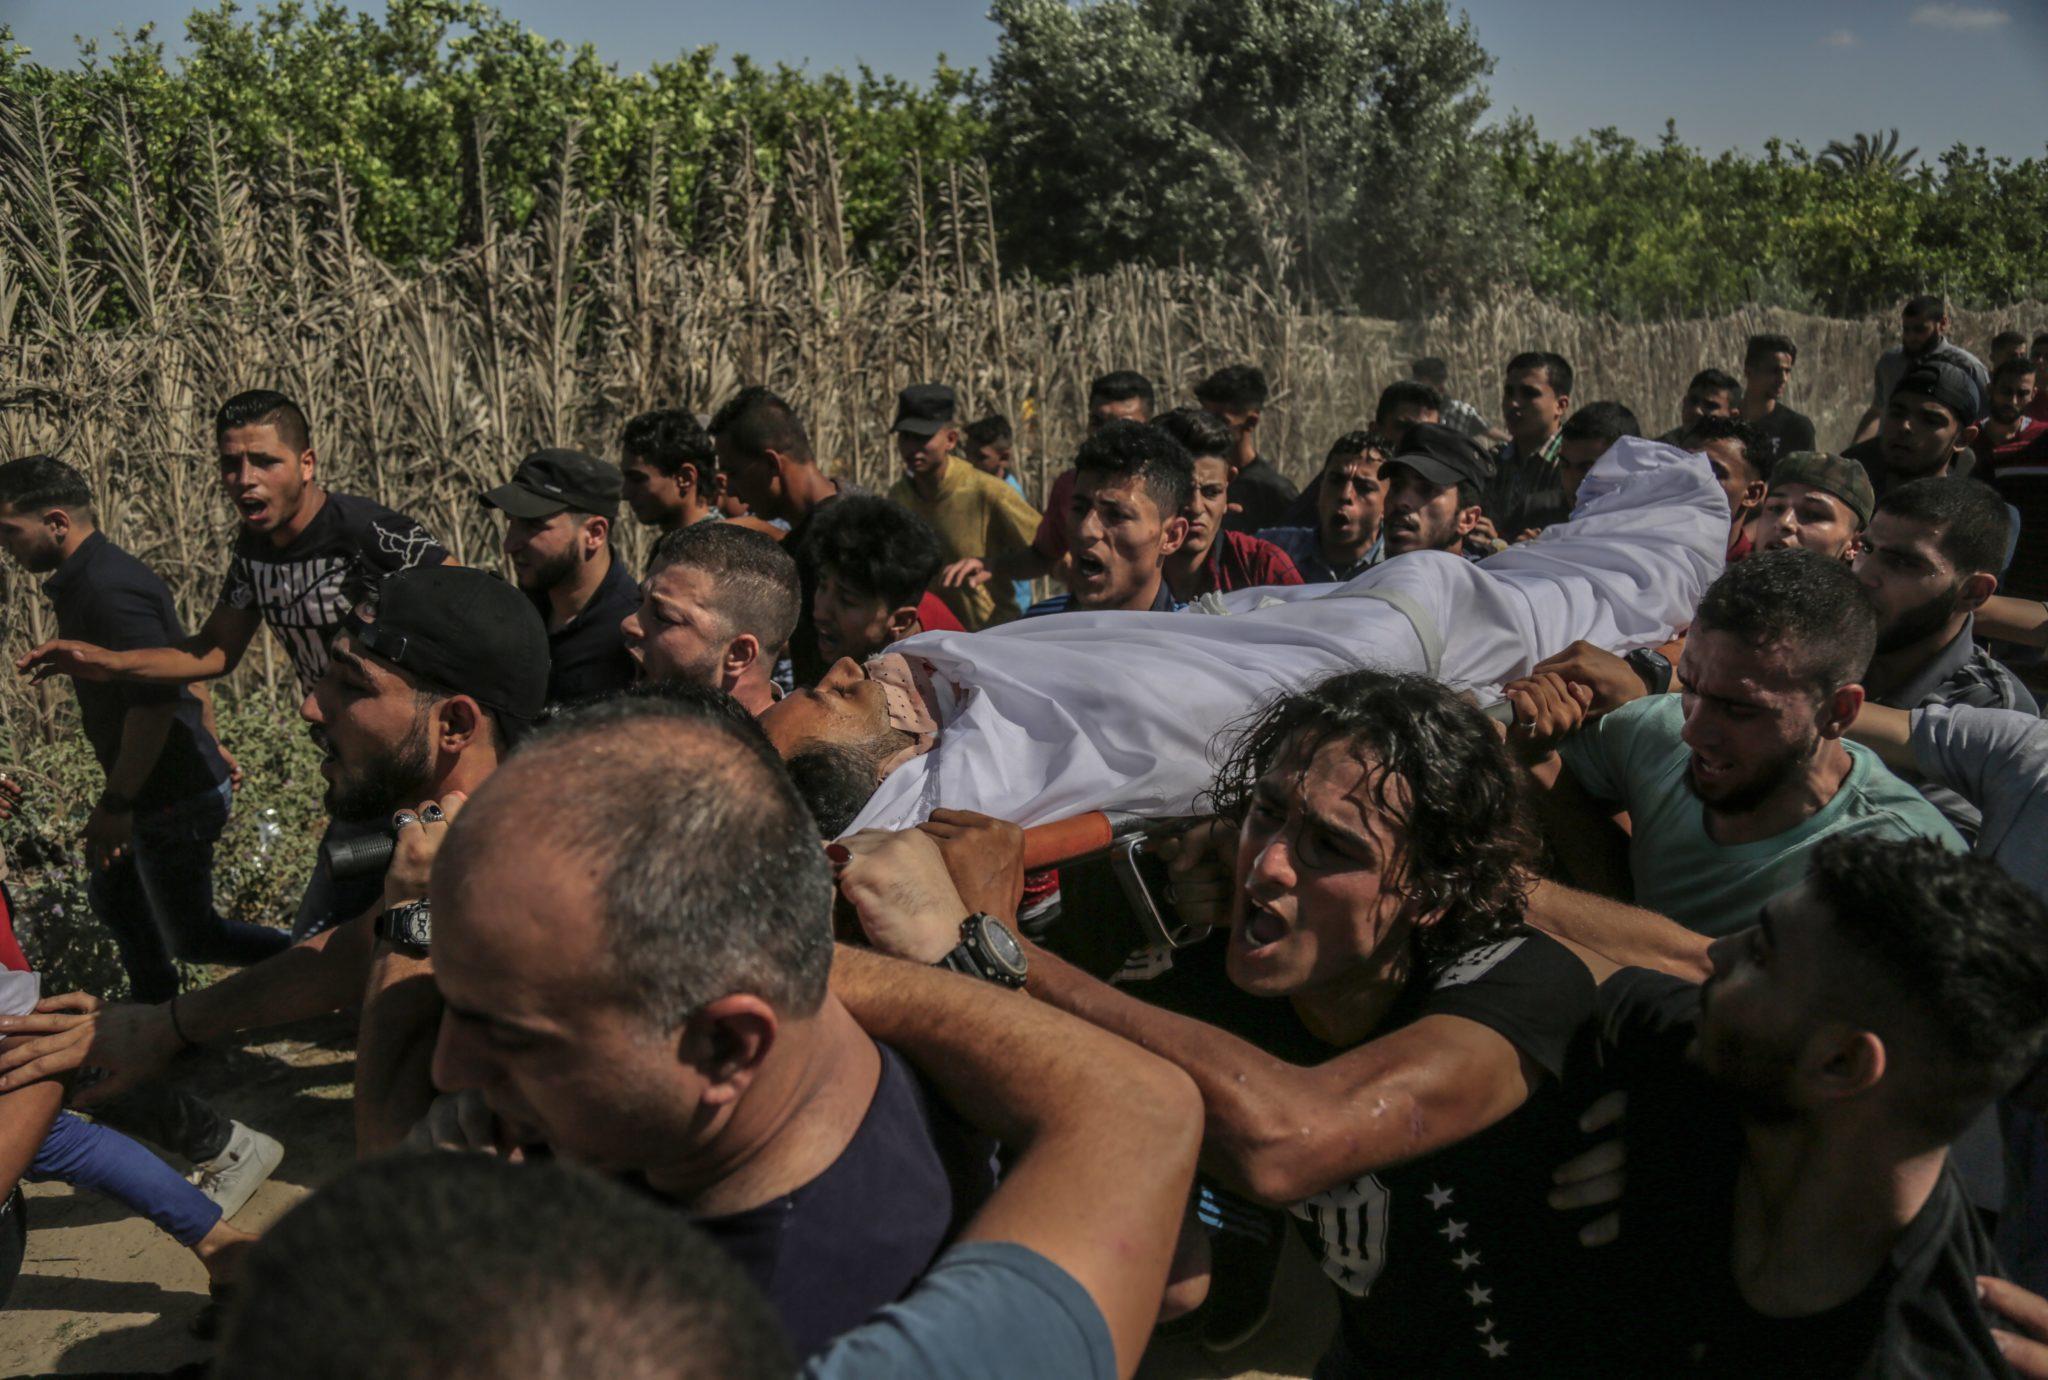 Gaza: Palestyńczycy chowają ciało Sabri Abu Khadr. Został zabity w czasie starć z Izraelem w pobliżu granicy Izraela ze Strefą Gazy we wschodniej części Strefy Gazy, fot: Haitham Imad, PAP/EPA